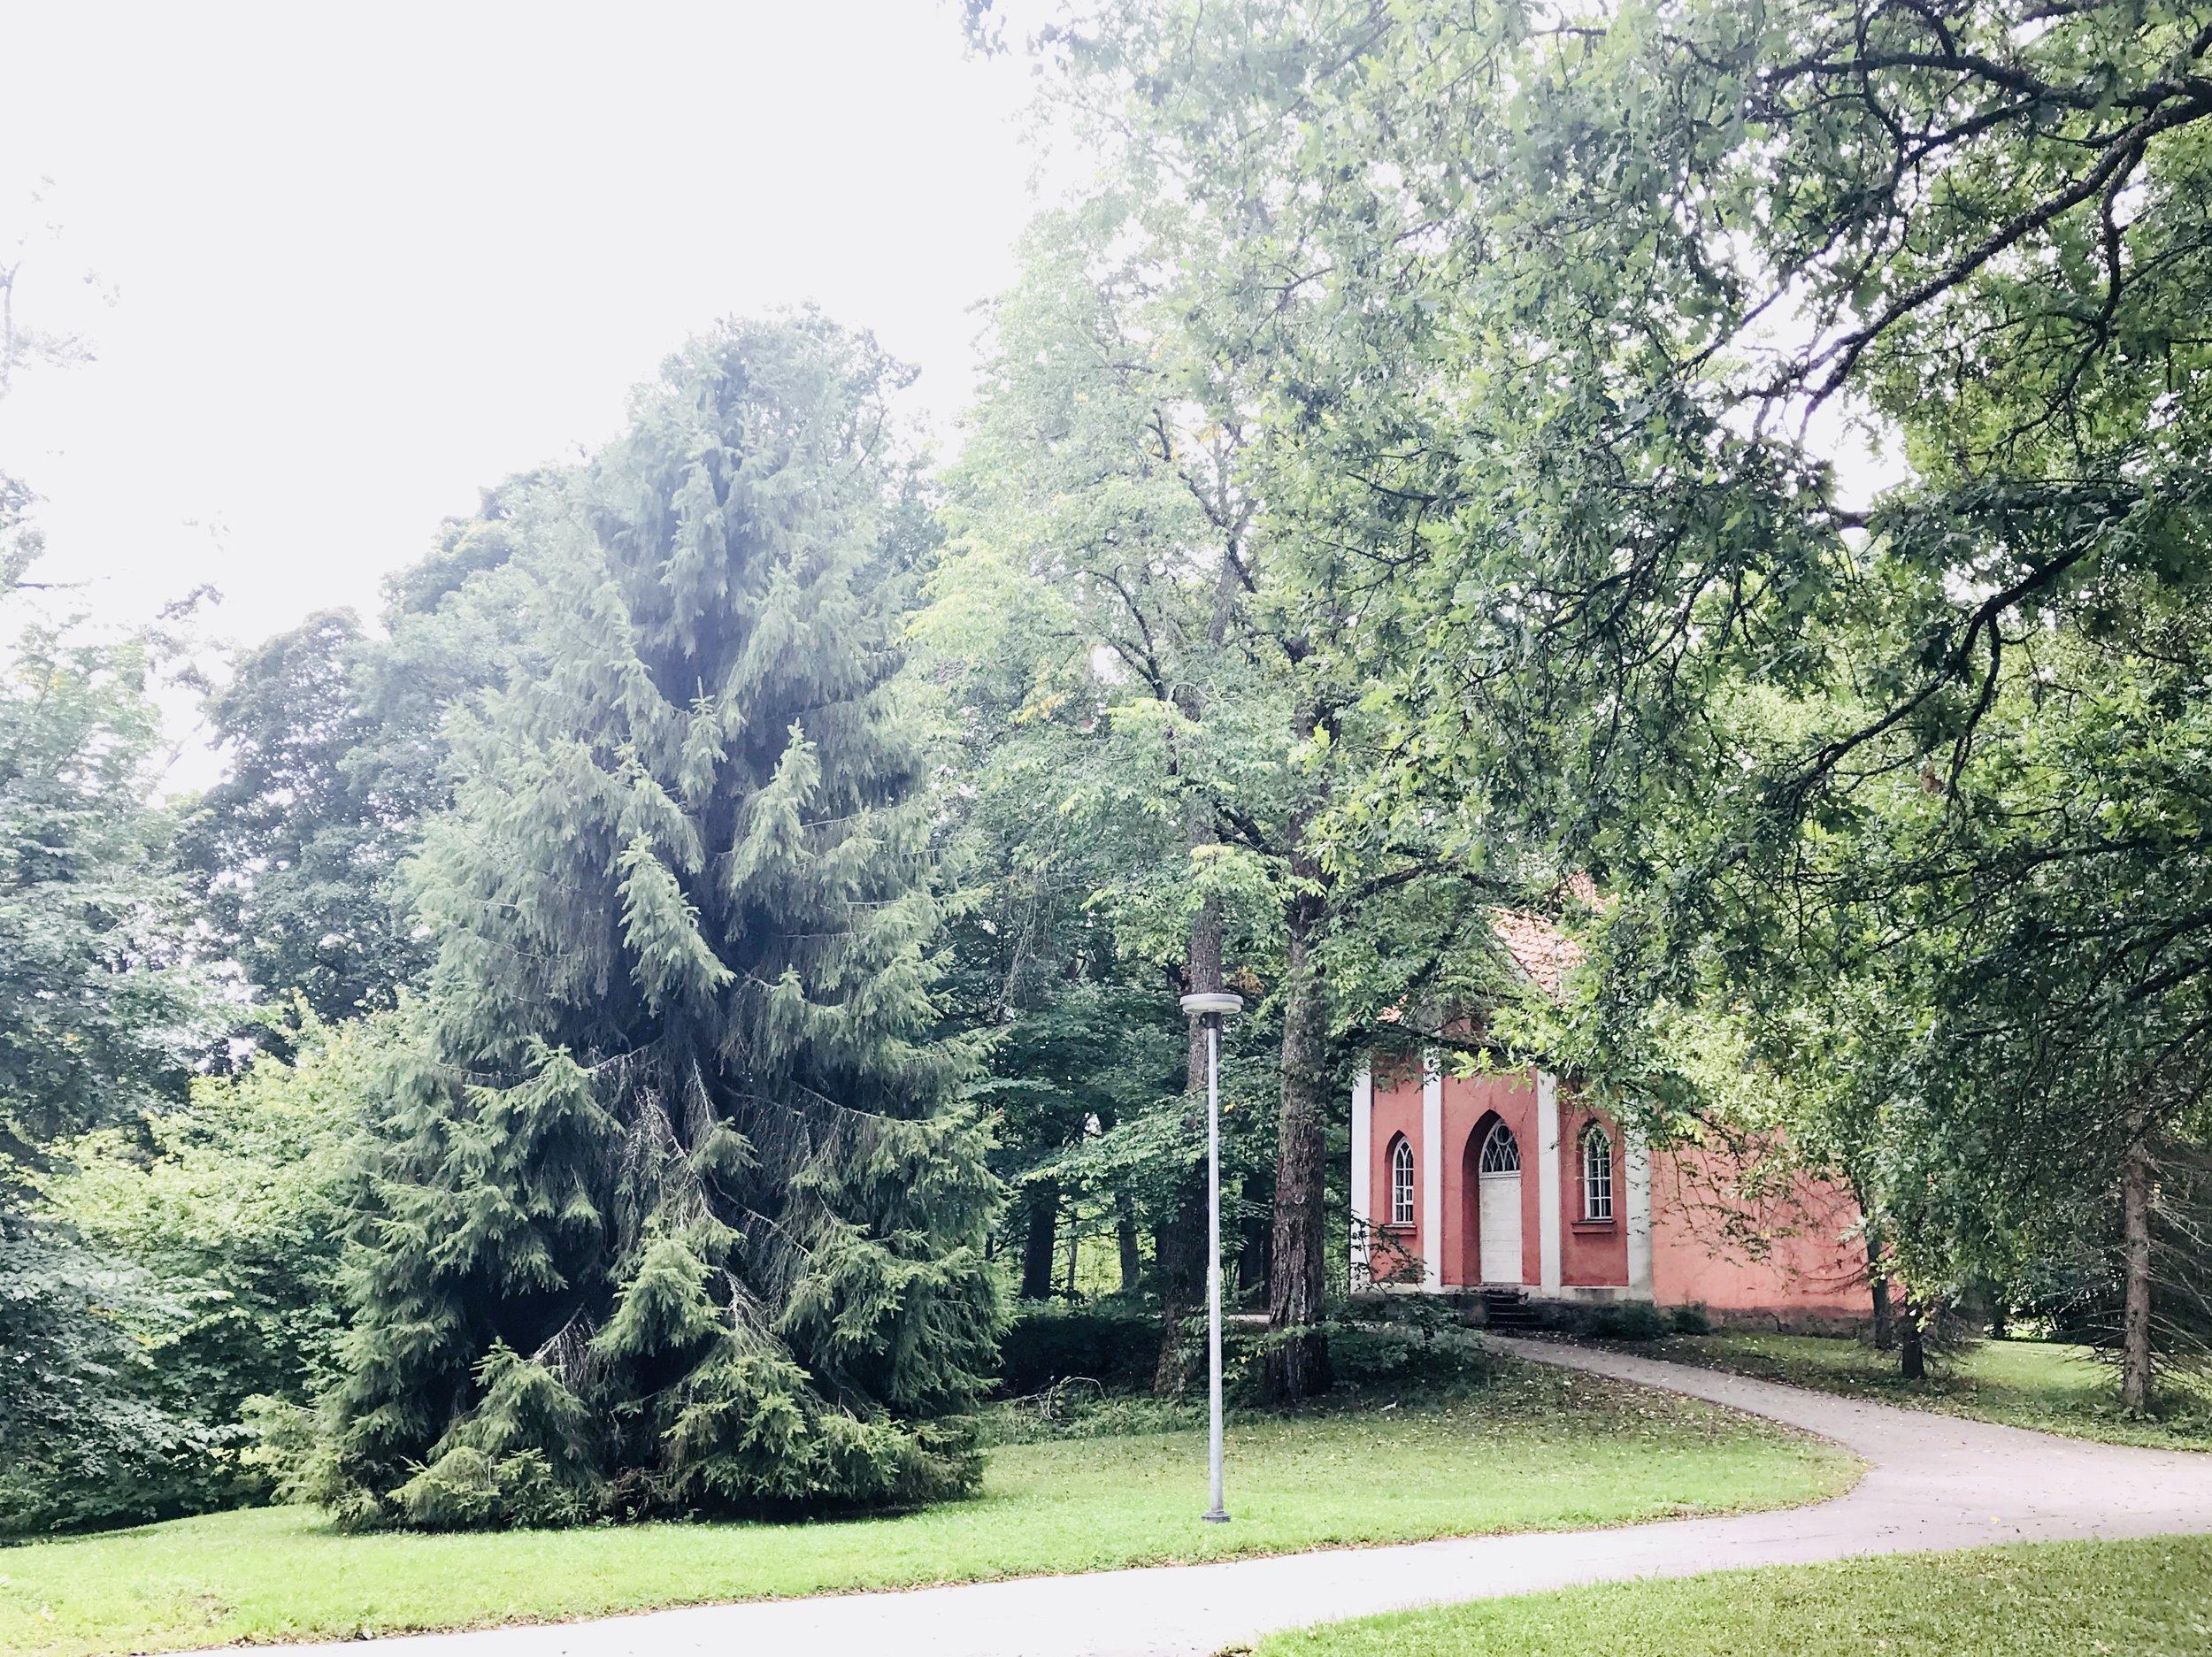 Träskändan Makasiini on alunperin rakennettu viljavarastoksi 1800-luvun alkupuolella. Rakennuksen piirrokset ovat Engelin allekirjoittamat.